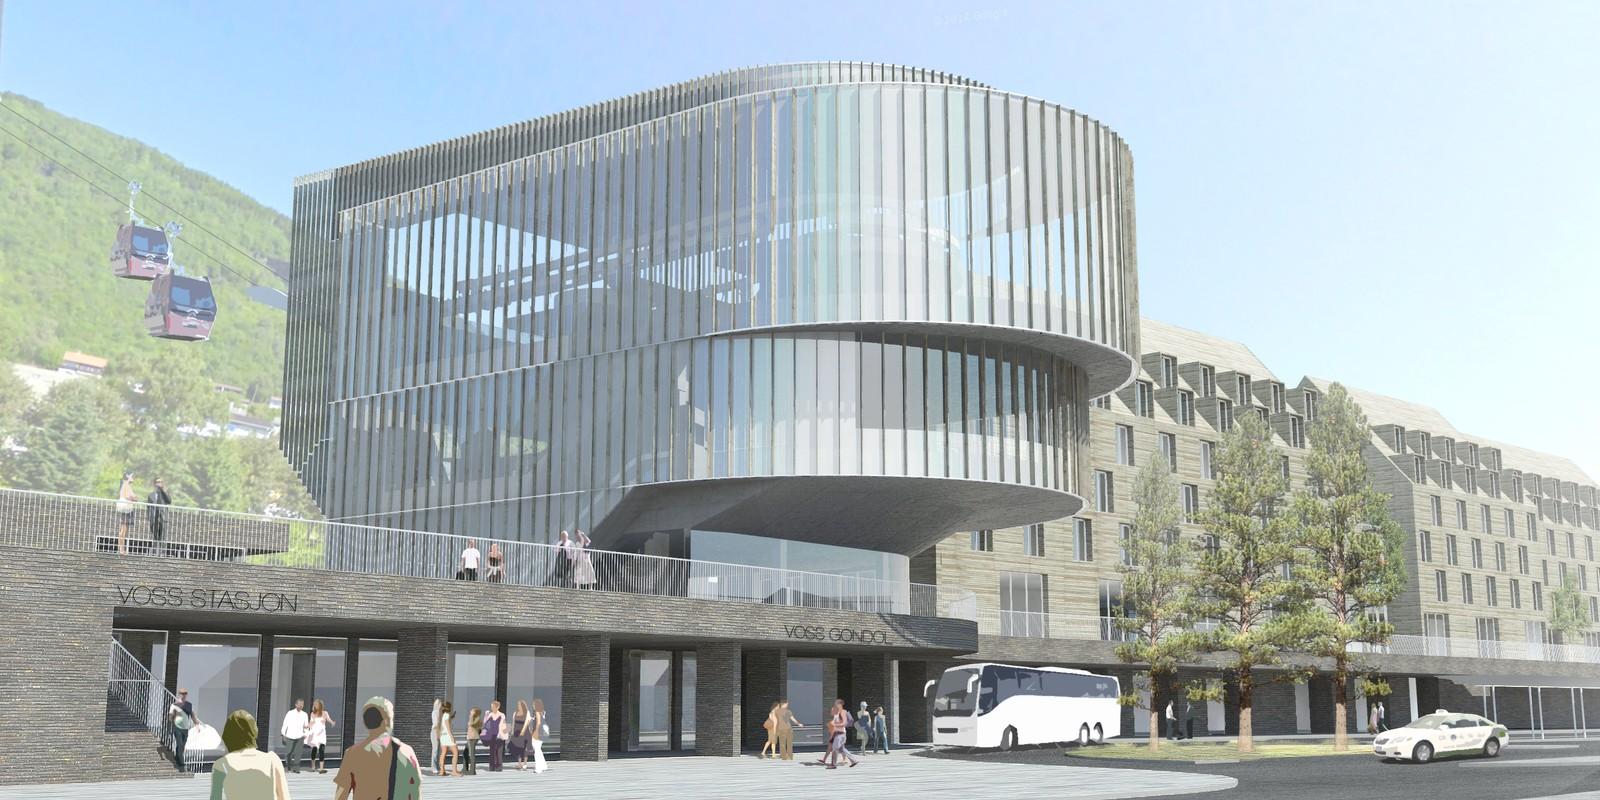 Det vil bli bygget ny terminal på østsiden av dagens jernbanestasjon.